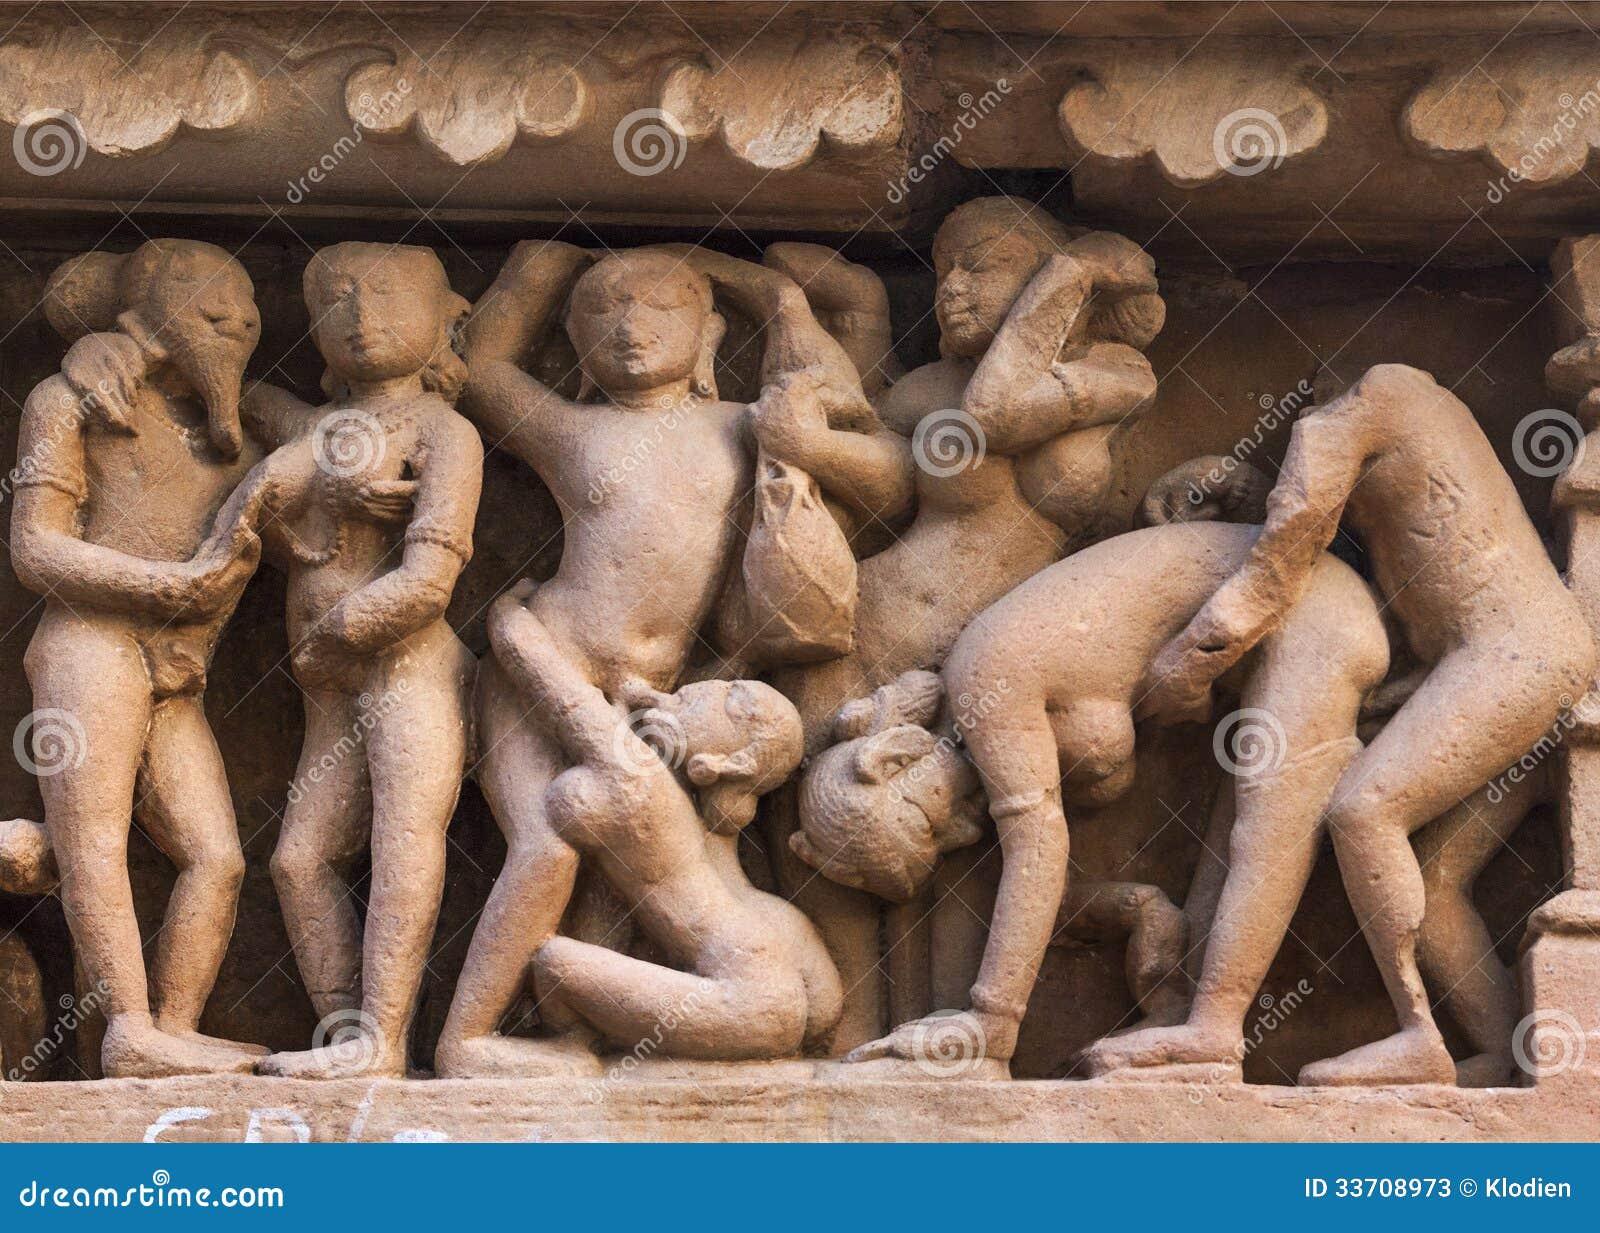 immagini di orgys giovani ragazze nere tubi